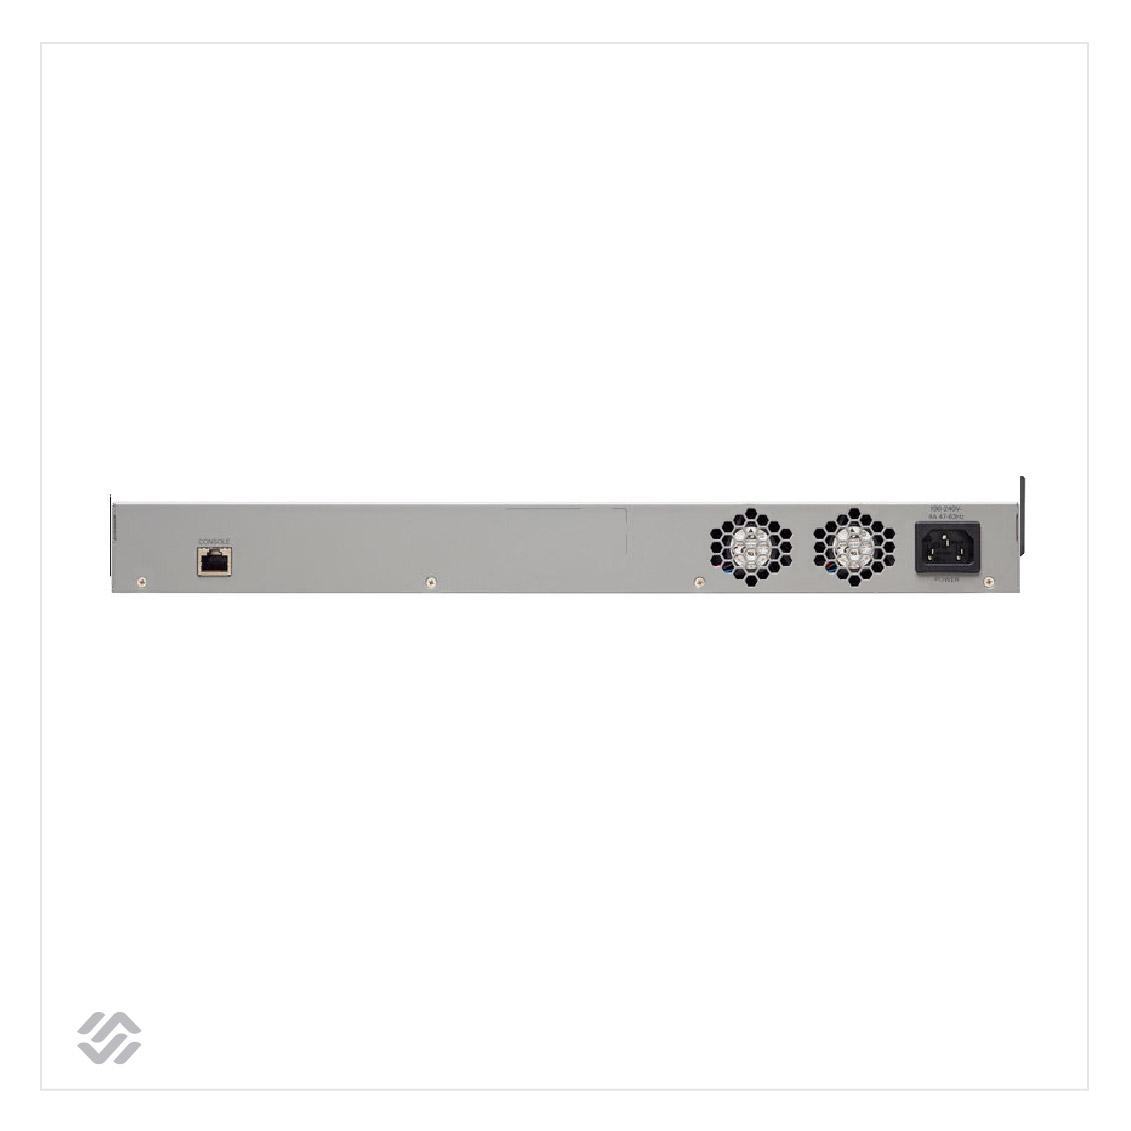 Cisco SMB SG350-28-3